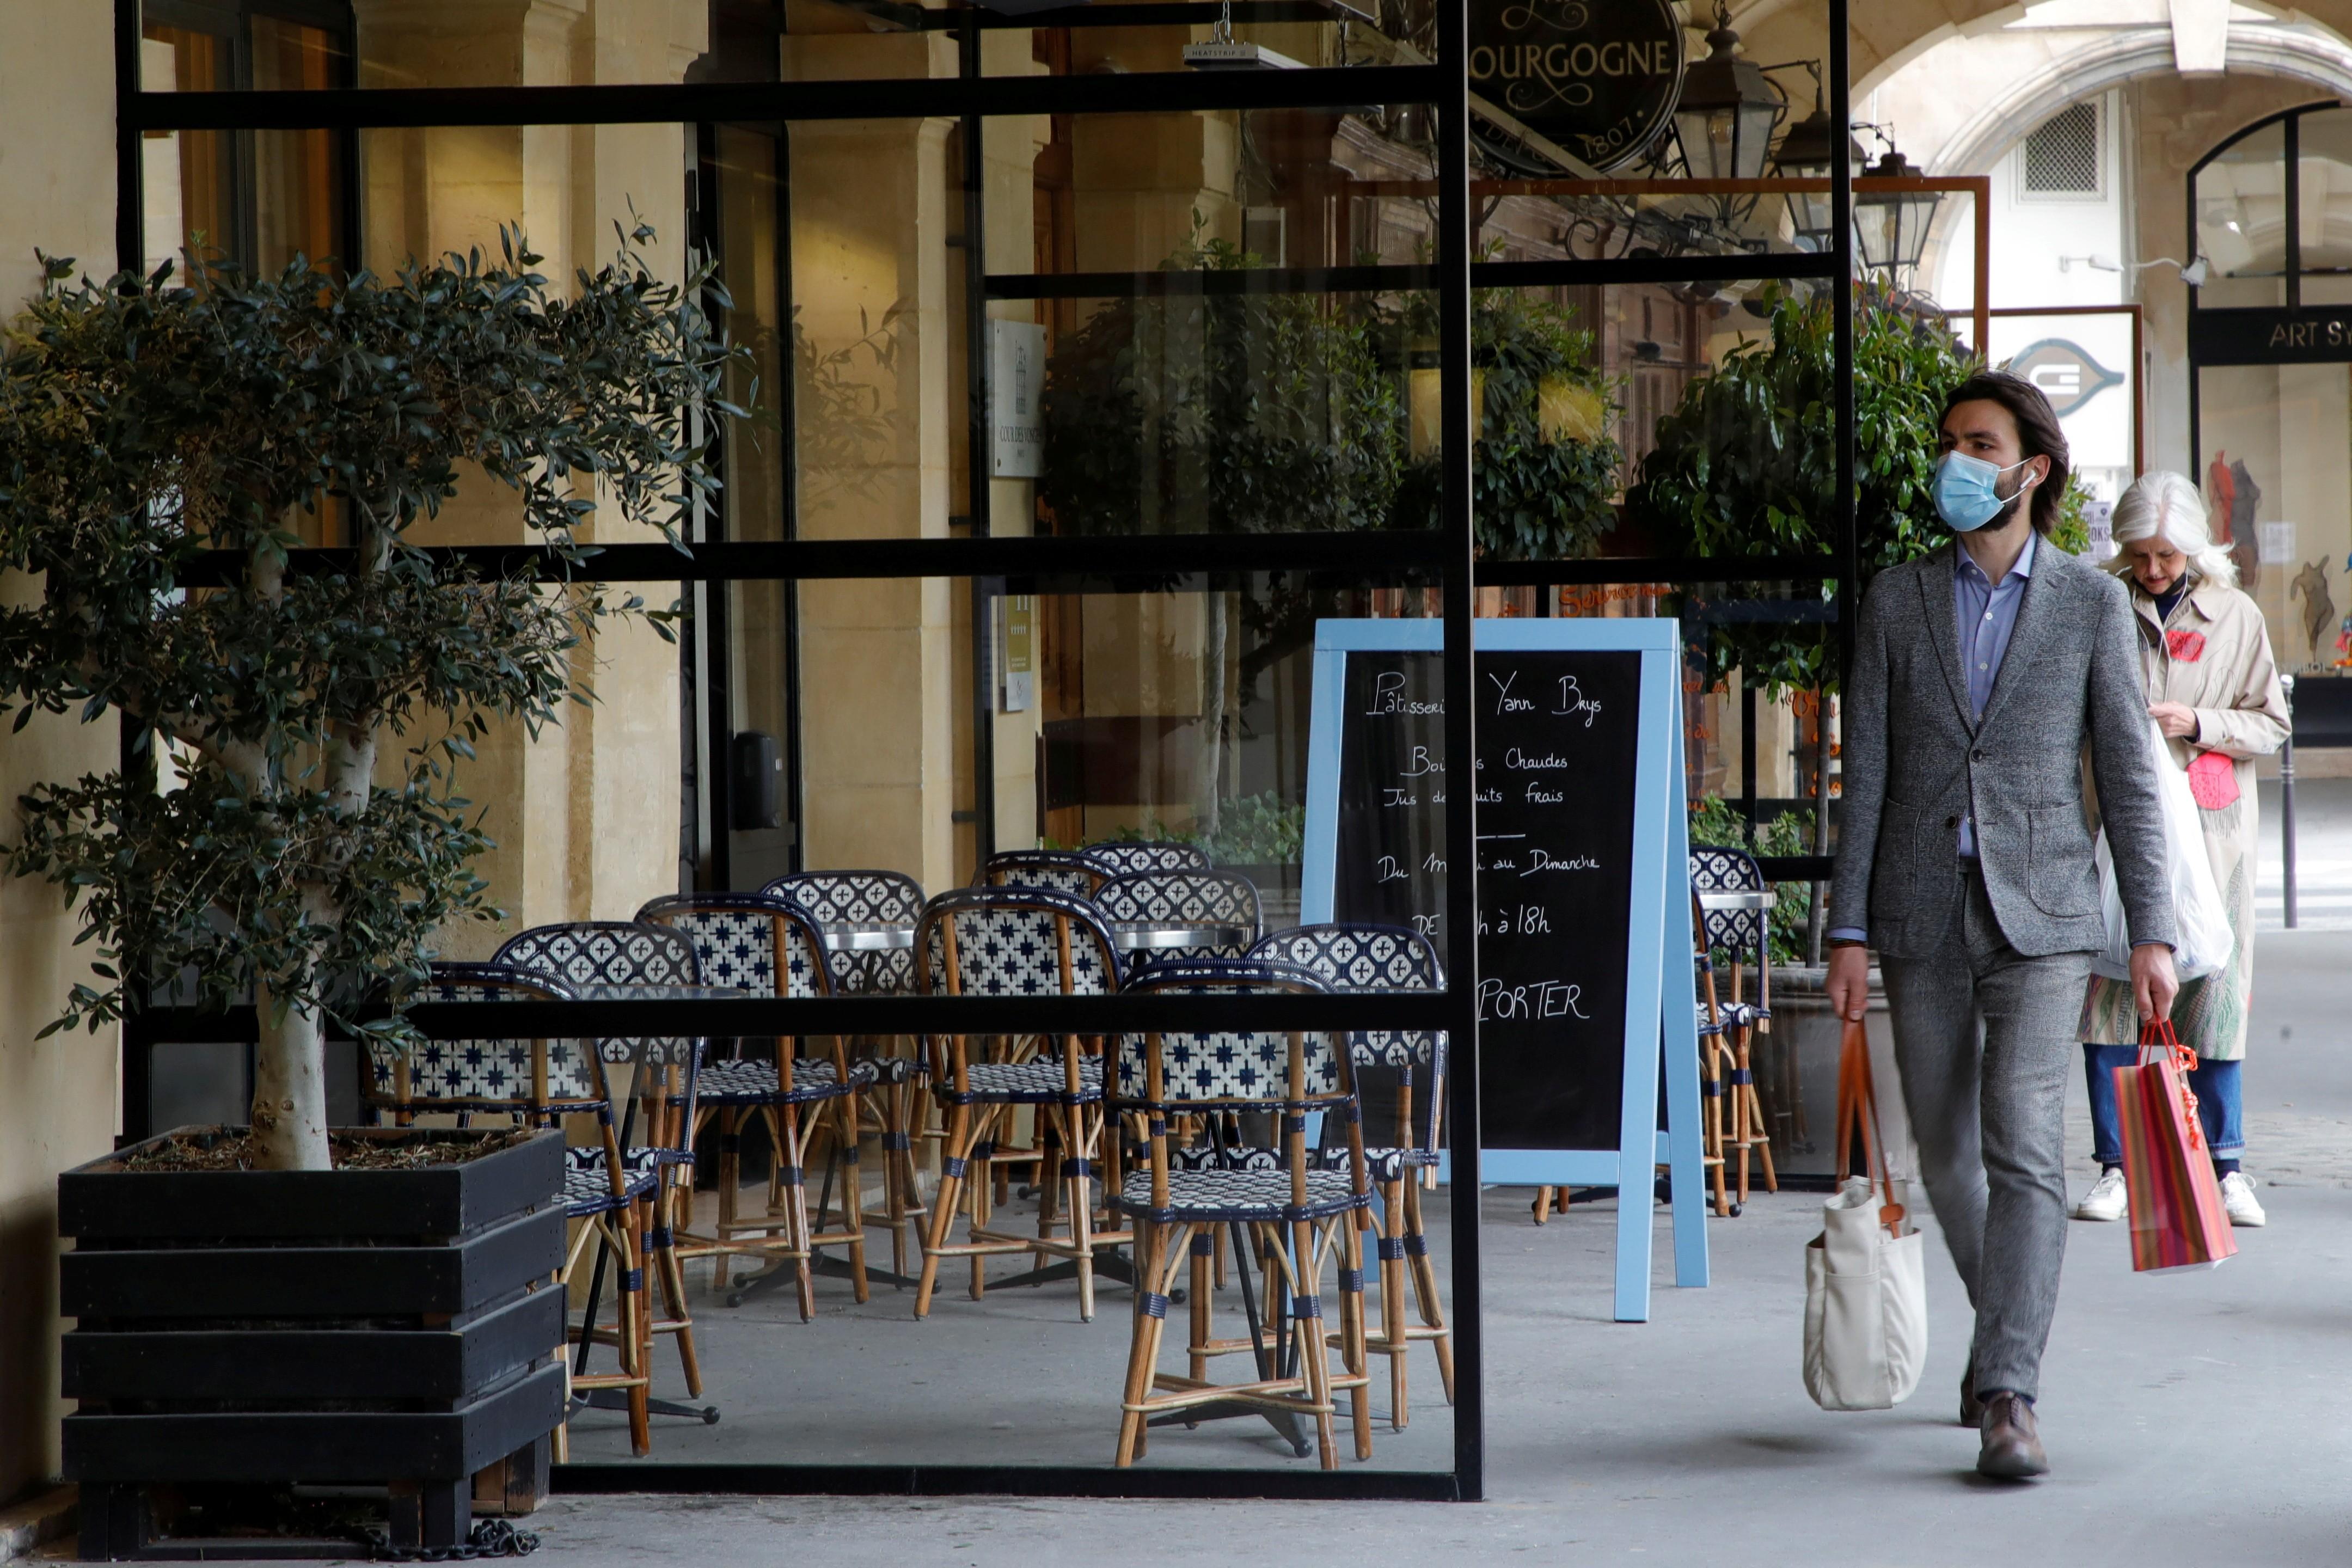 Com plano de reabertura e vacinação, França se prepara para retomada do turismo thumbnail